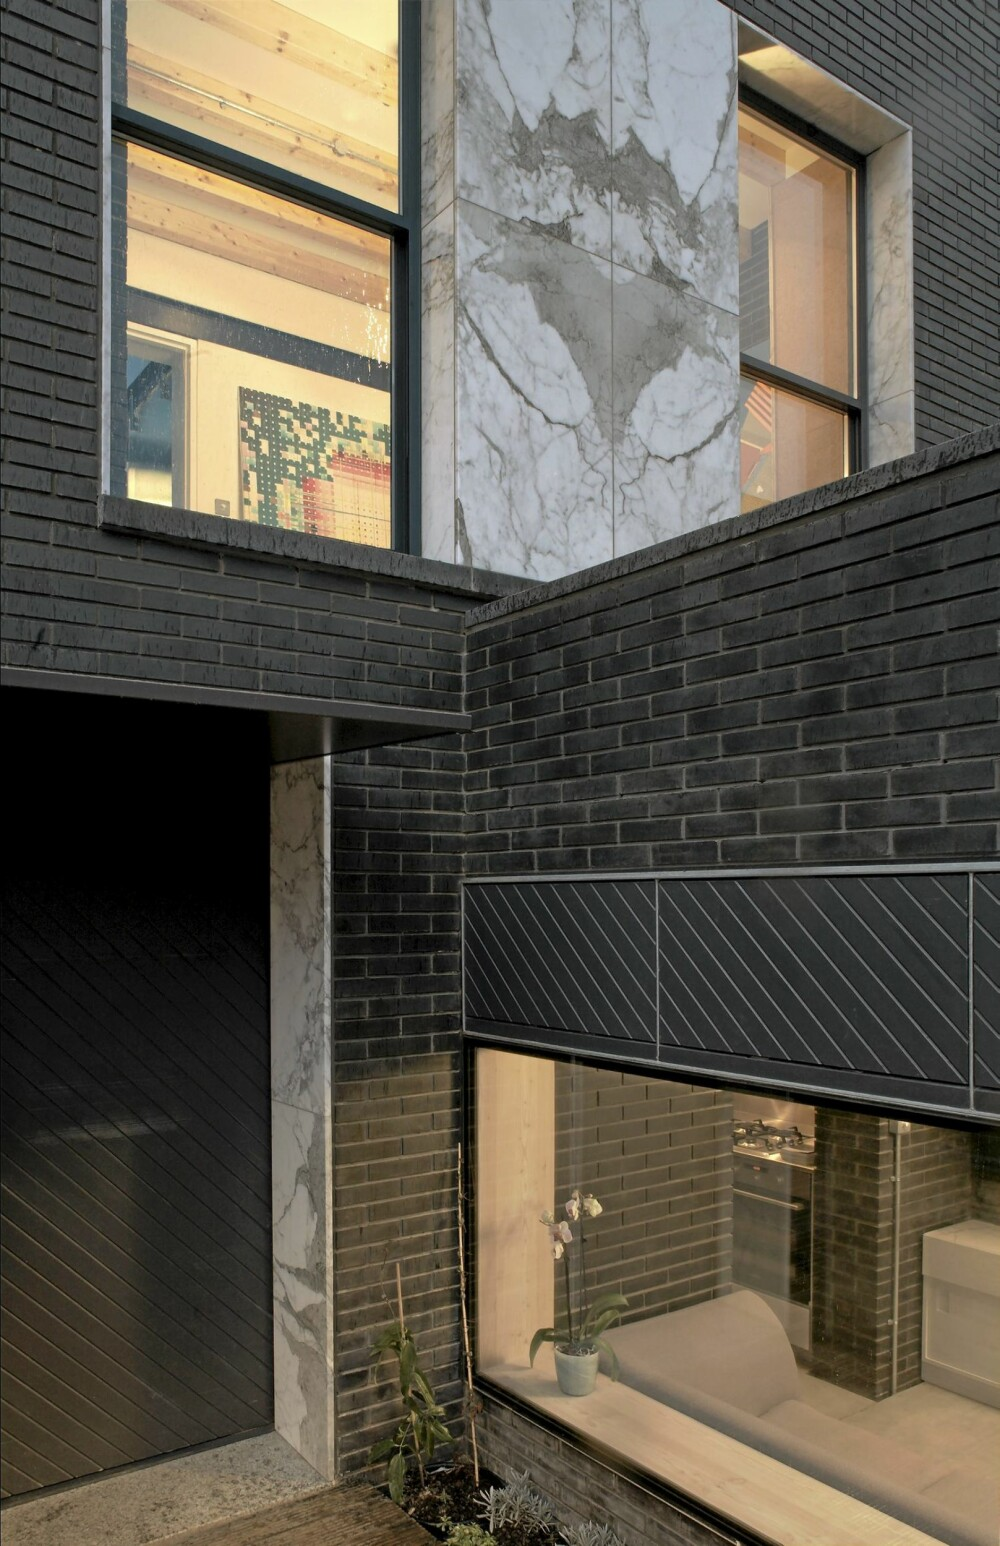 ULIKE NIVÅER: Ved å endre gulvnivå og bygge tak i ulike høyder skapte de variasjon fra 3 meter i stuen til 2,1 meter i inngangspartiet.